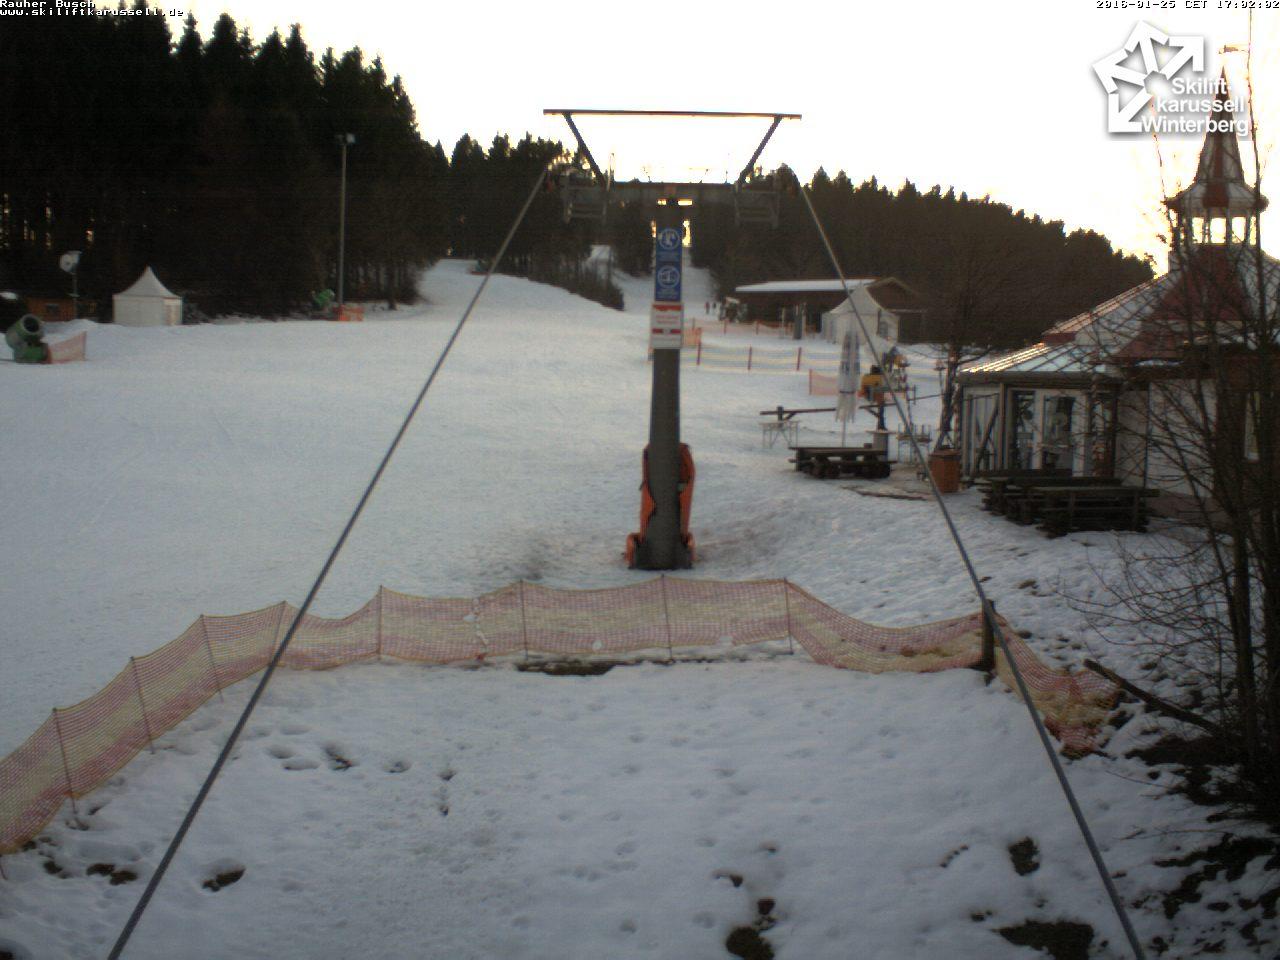 De hellingen in Winterberg hadden het maandag al zwaar. Op de piste ligt nog voldoende sneeuw, maar daarbuiten begon de sneeuw al te smelten. Bron: Skiliftkarussel.